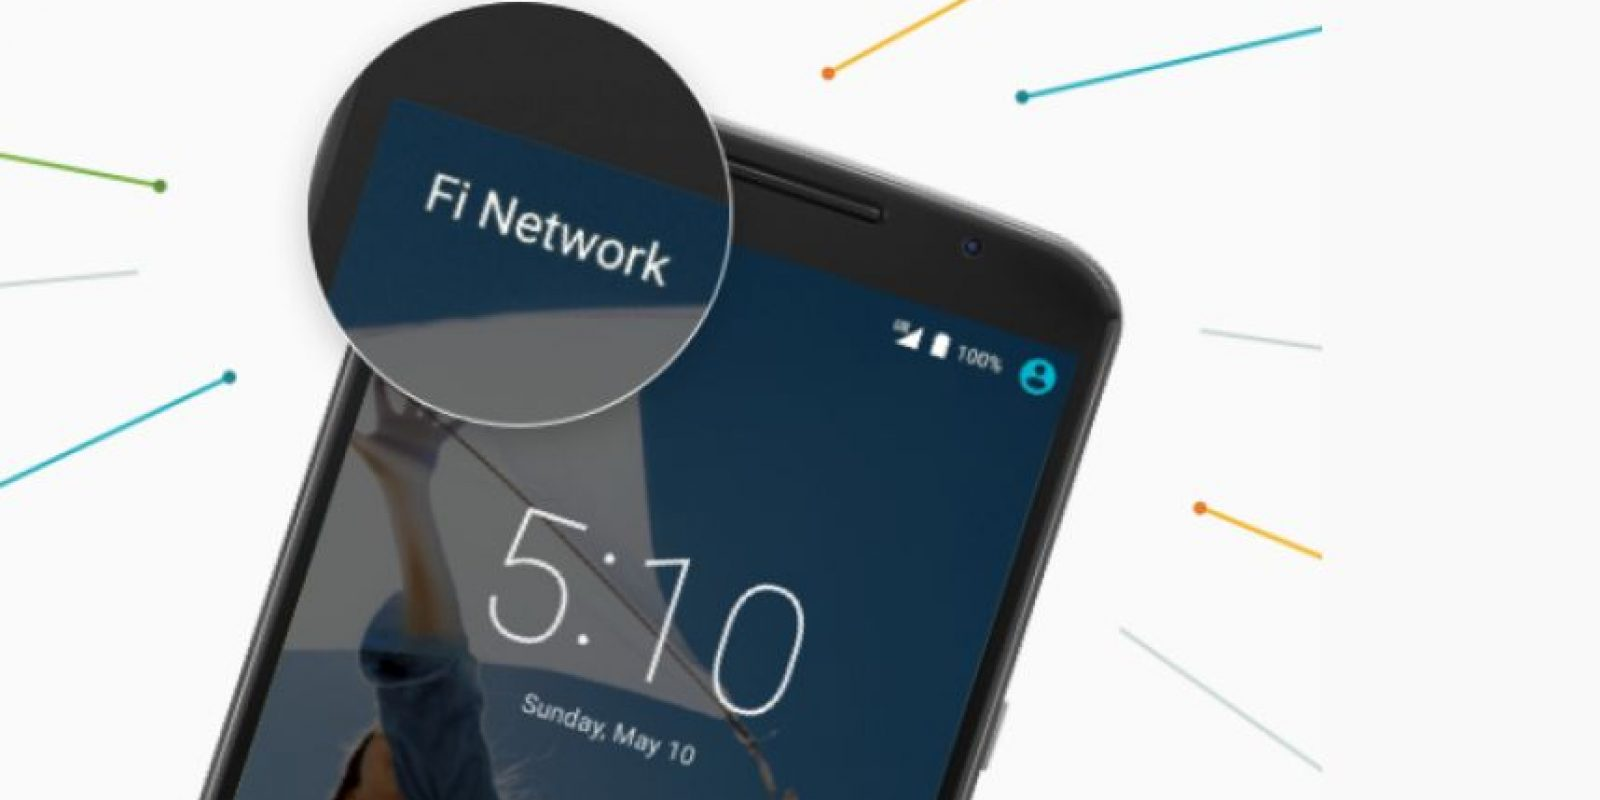 La idea es acelerar la forma de conexión telefónica Foto:fi.google.com